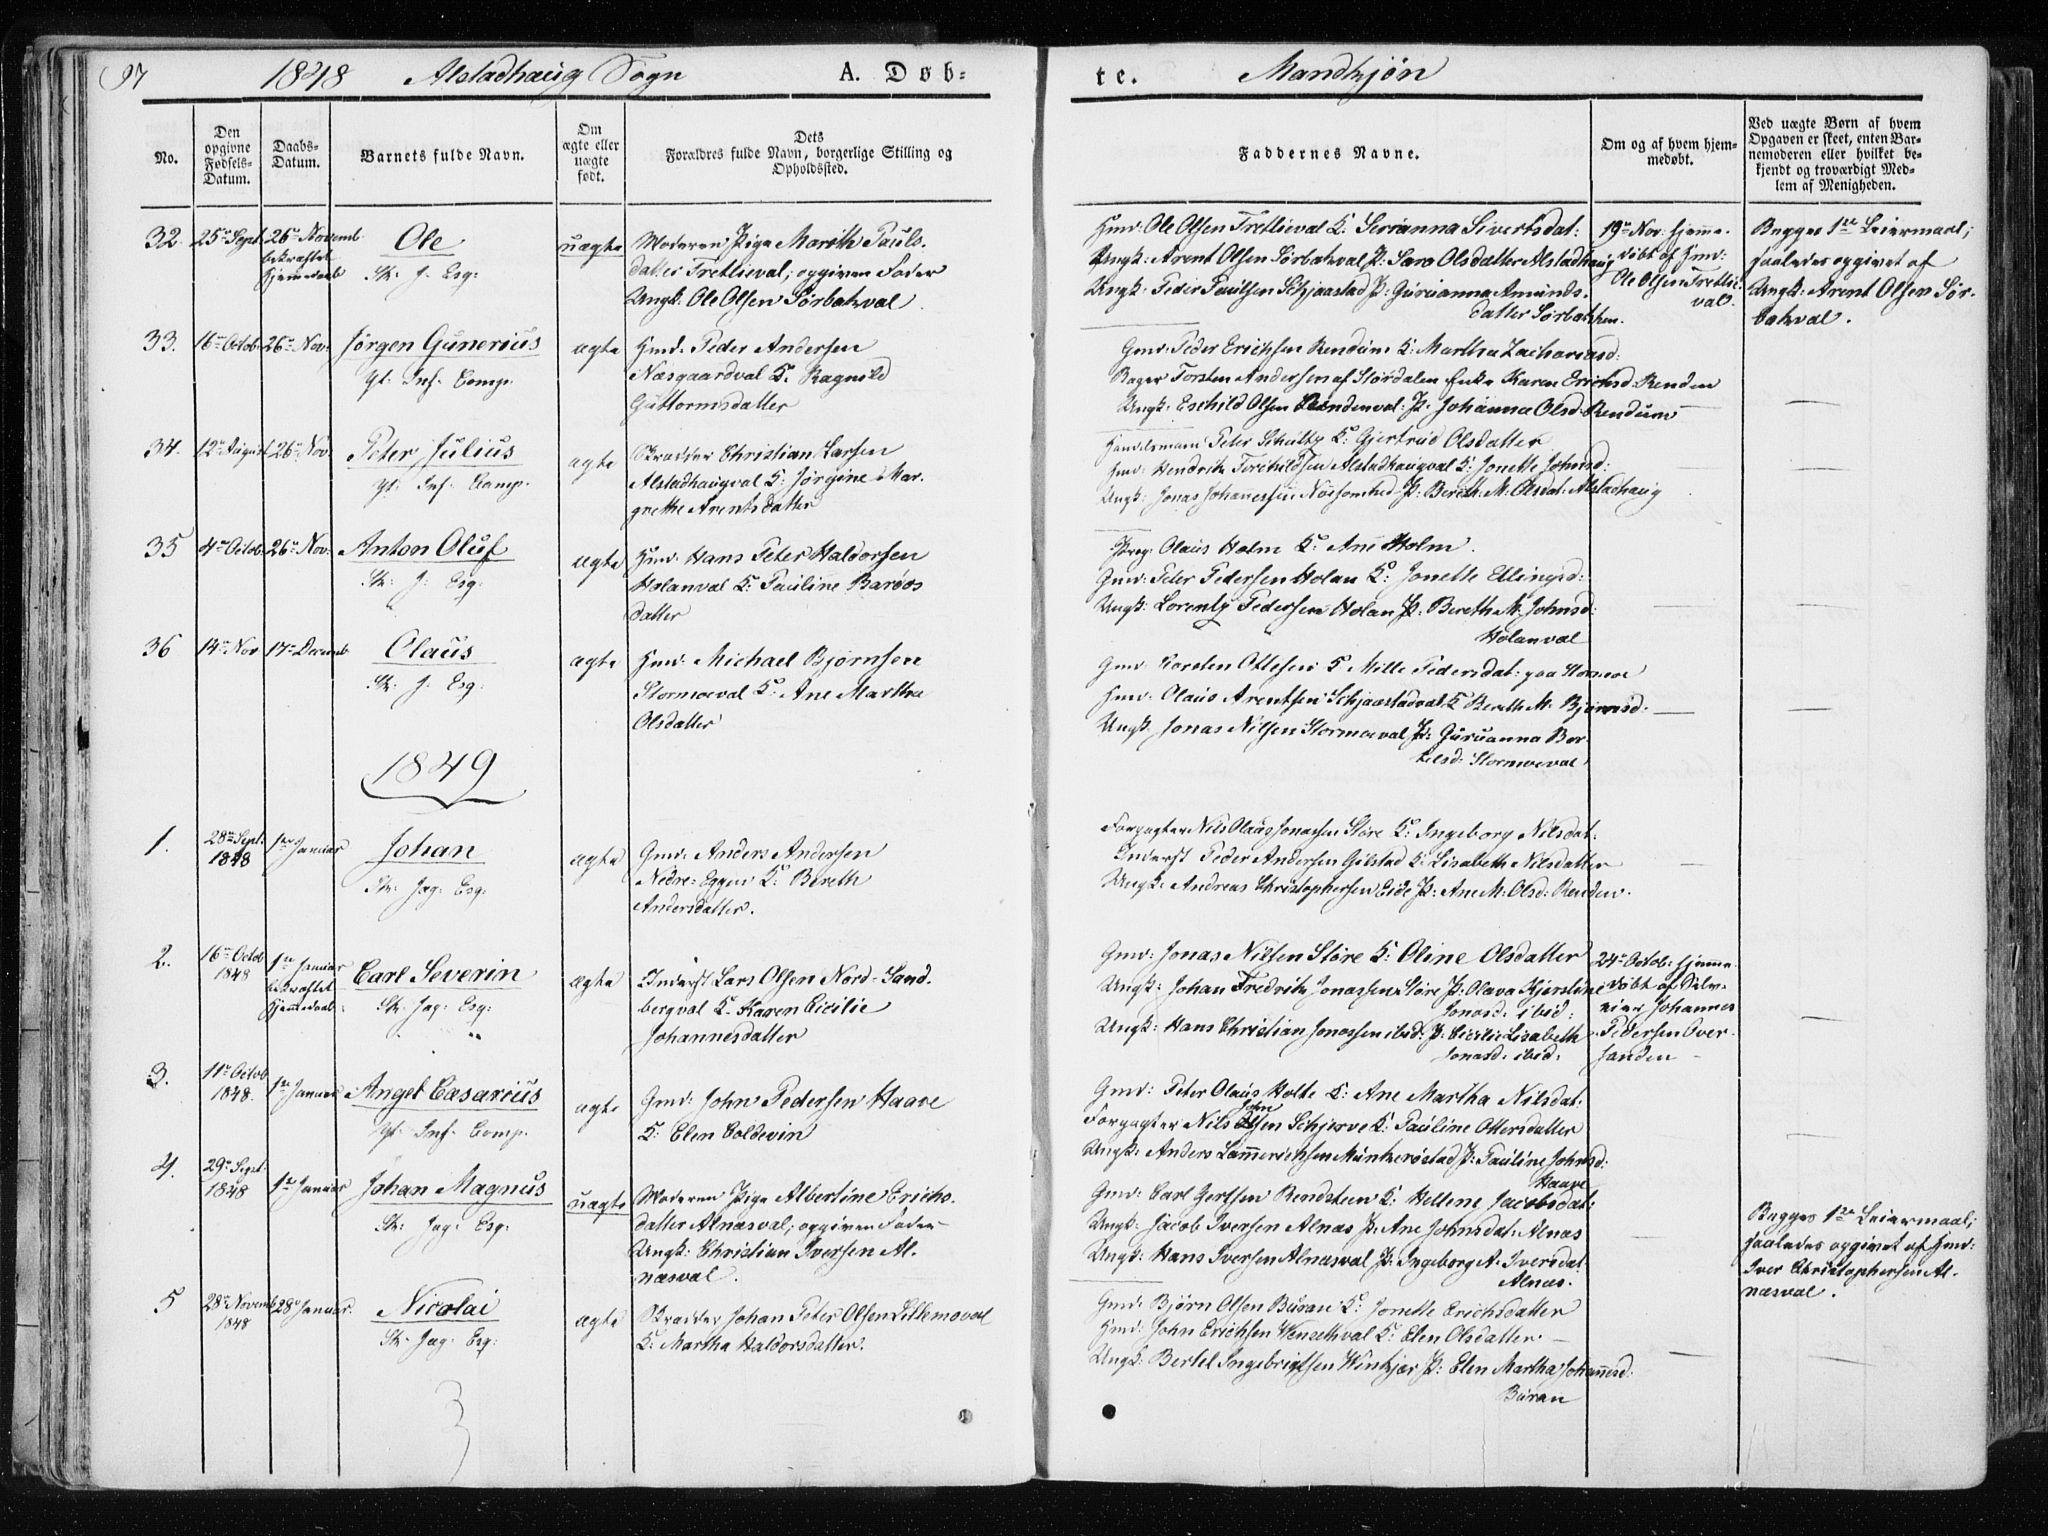 SAT, Ministerialprotokoller, klokkerbøker og fødselsregistre - Nord-Trøndelag, 717/L0154: Ministerialbok nr. 717A06 /1, 1836-1849, s. 97